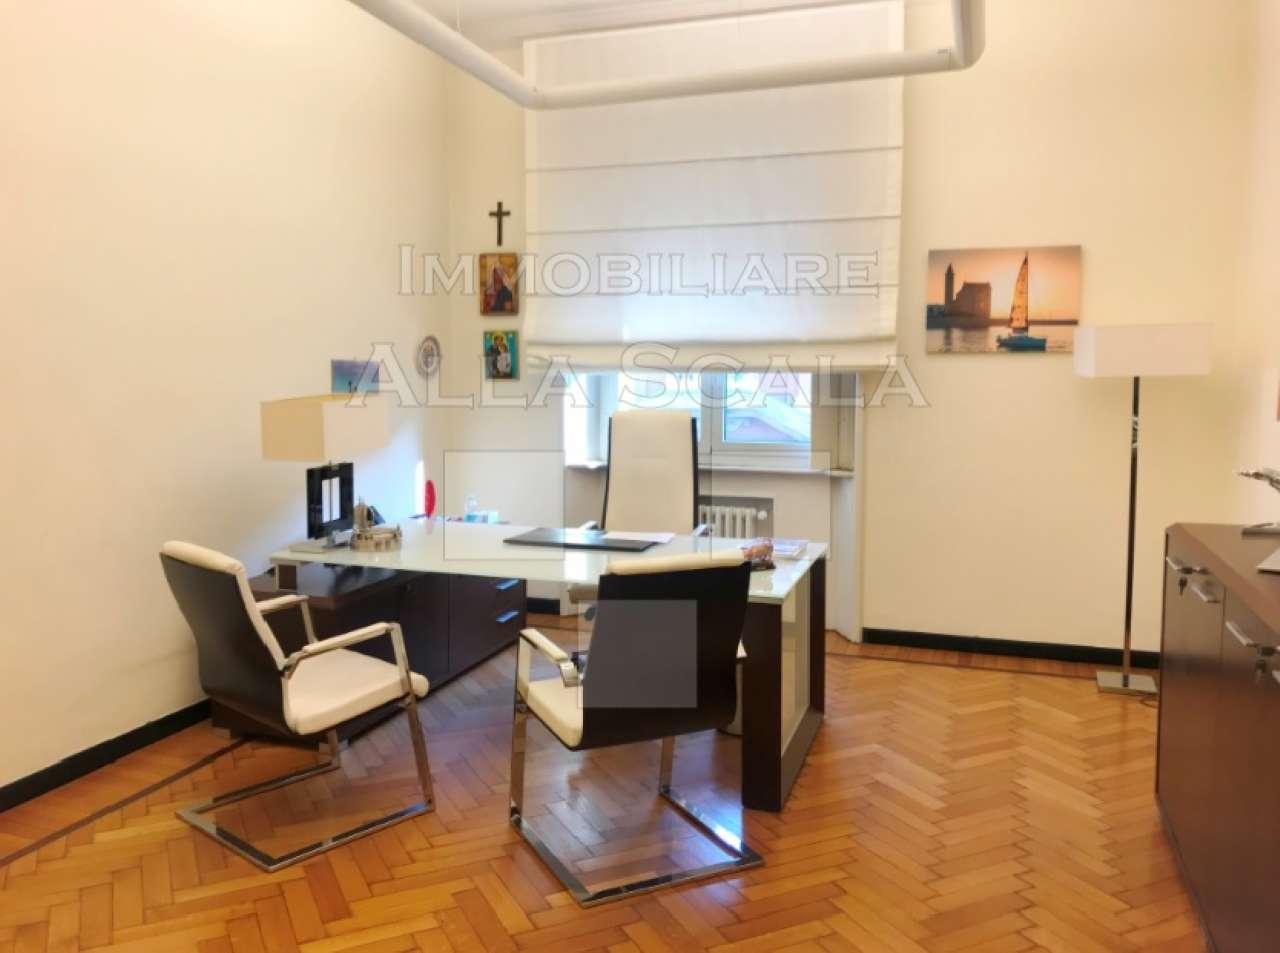 Ufficio-studio in Affitto a Milano 08 Vercelli / Magenta / Cadorna / Washington:  5 locali, 200 mq  - Foto 1